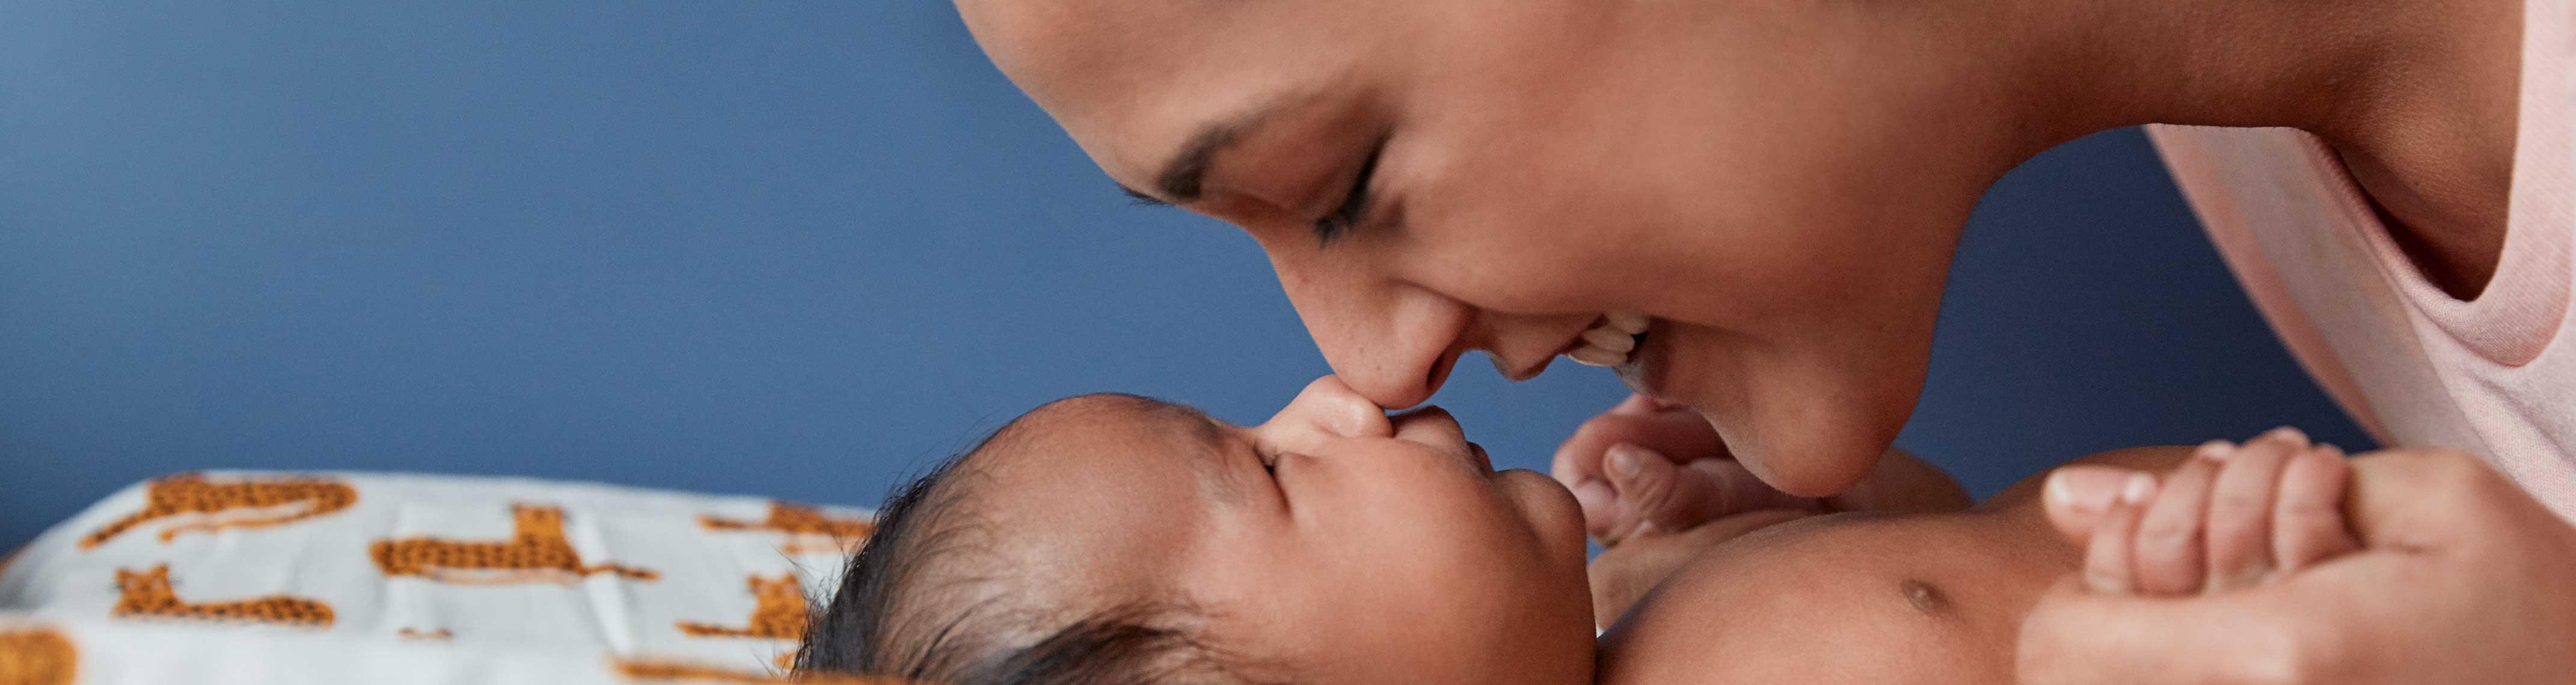 Une maman et un nouveau-né qui se touchent le nez, allongés sur un lit